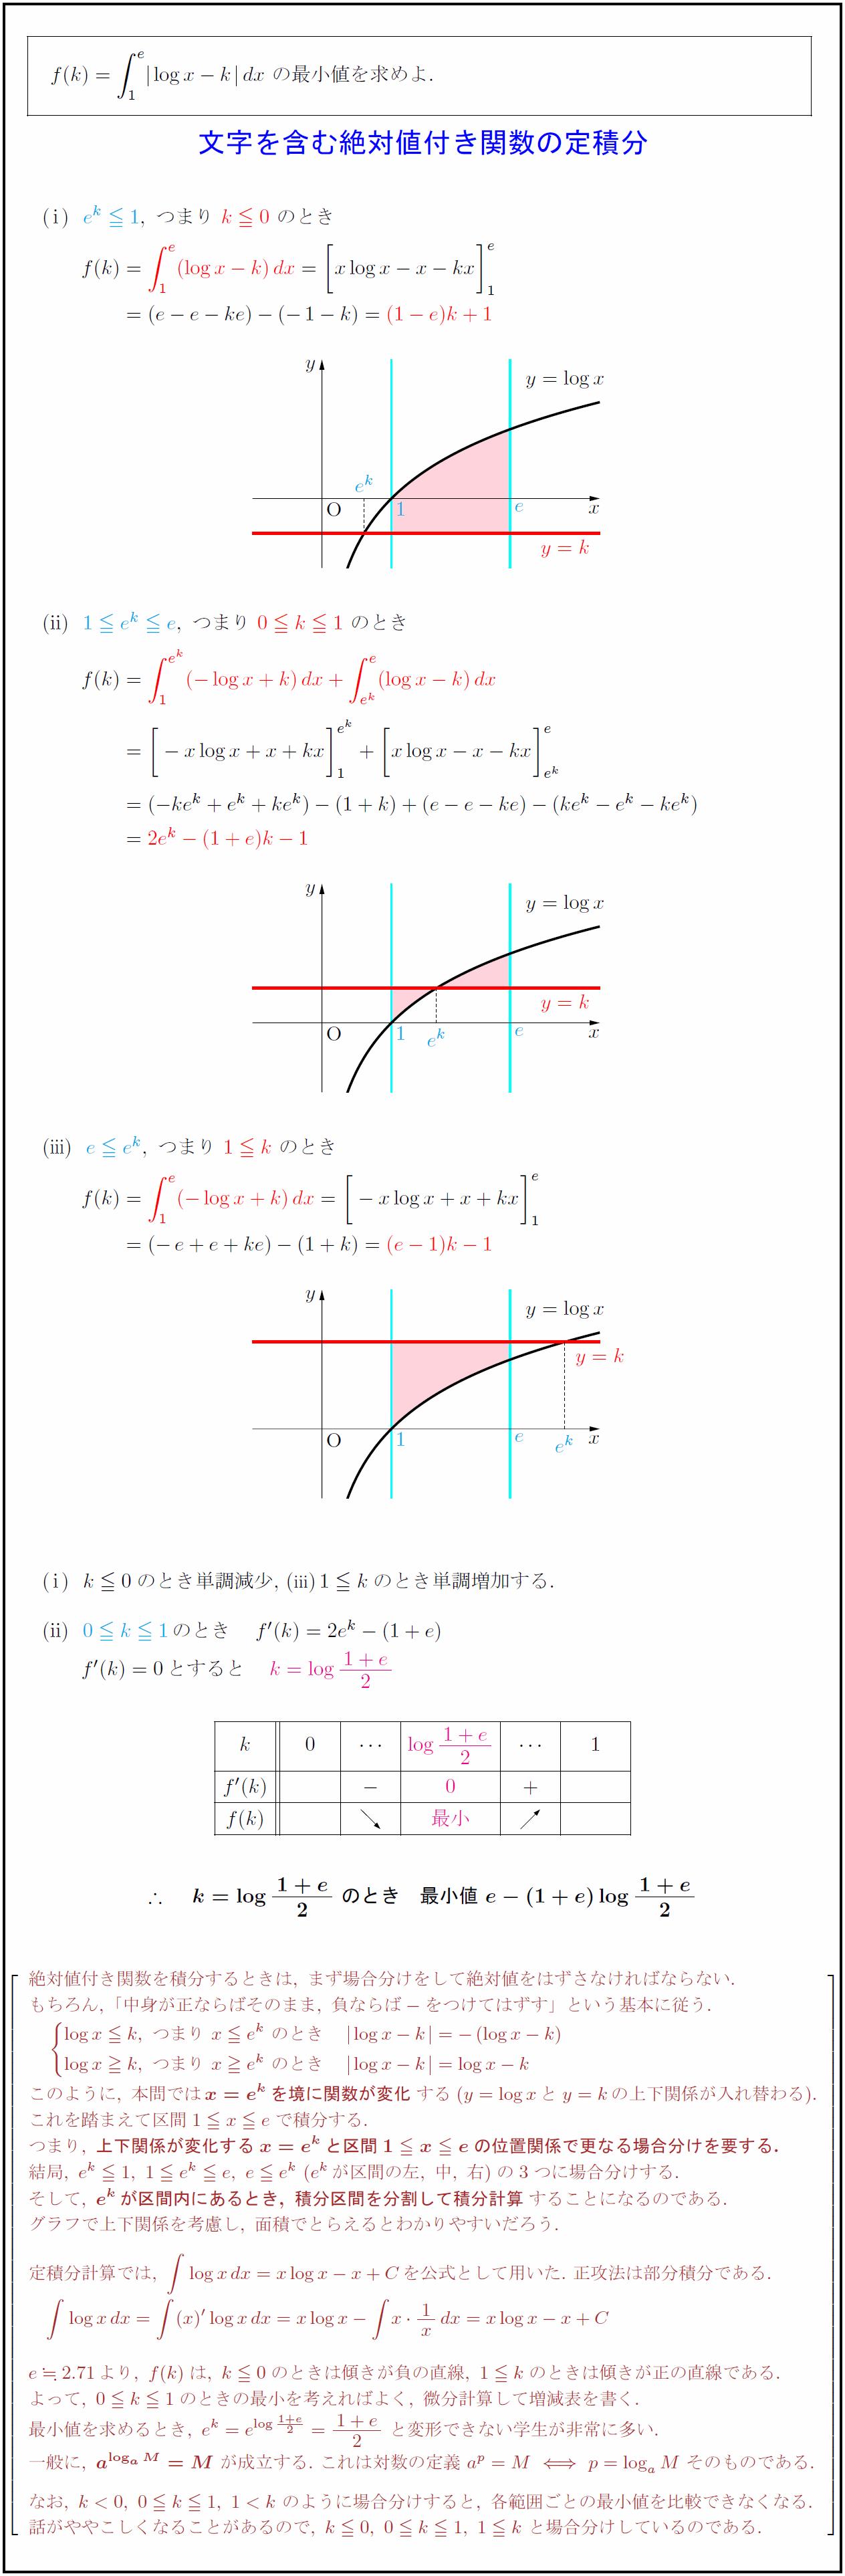 高校数学Ⅲ】文字を含む絶対値付き関数の定積分∫|logx-k|dxの最小値 ...